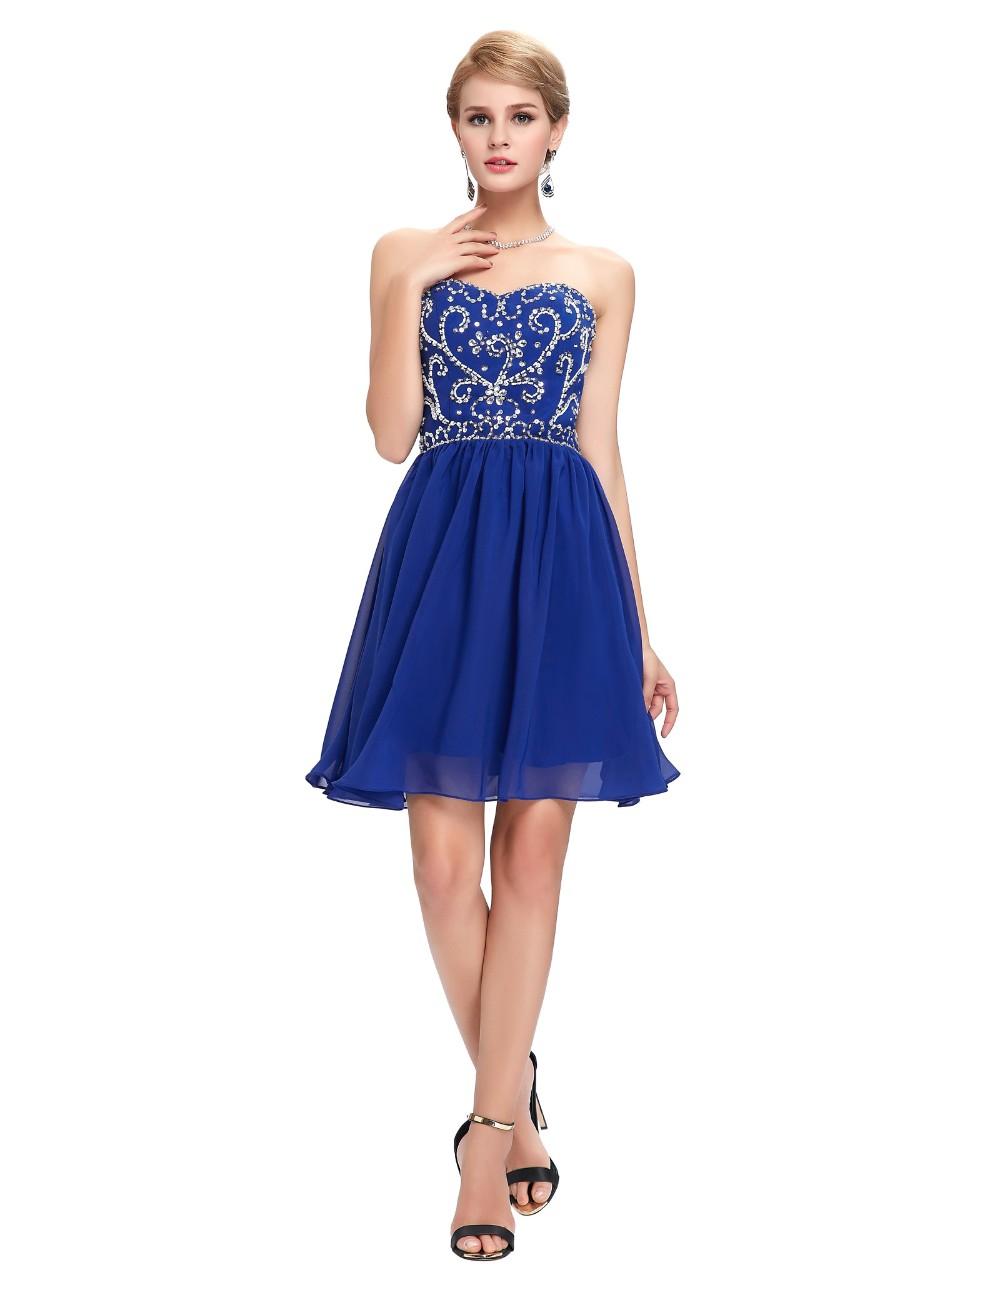 Грейс карин синий зеленый черный короткие платья выпускного вечера милая танец сексуальный ну вечеринку платье блесток платье GK6049